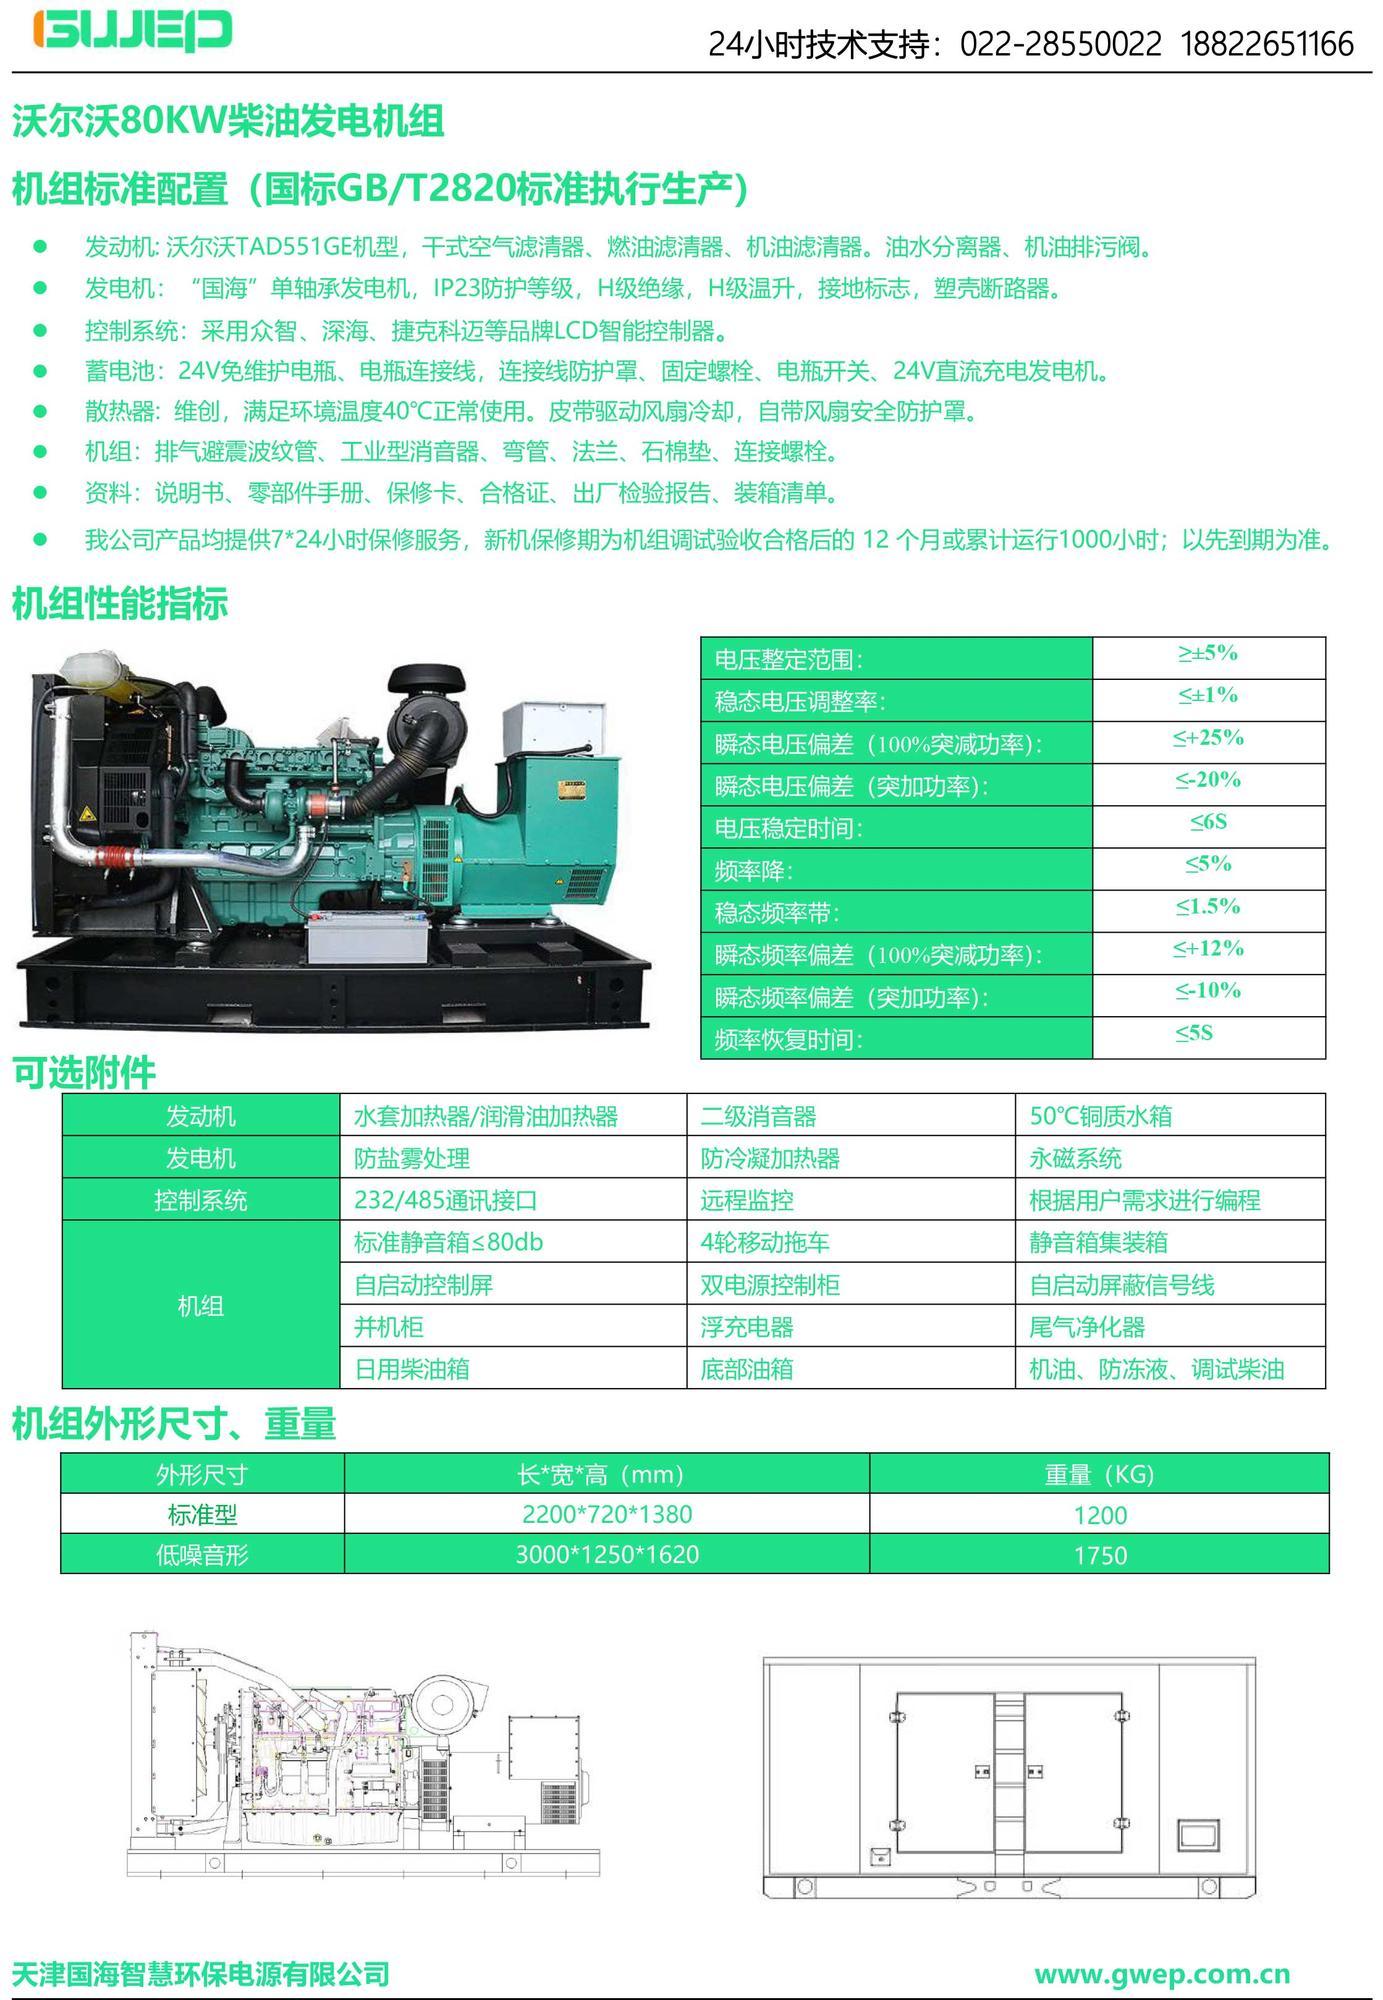 沃尔沃80KW发电机组技术资料-1.jpg